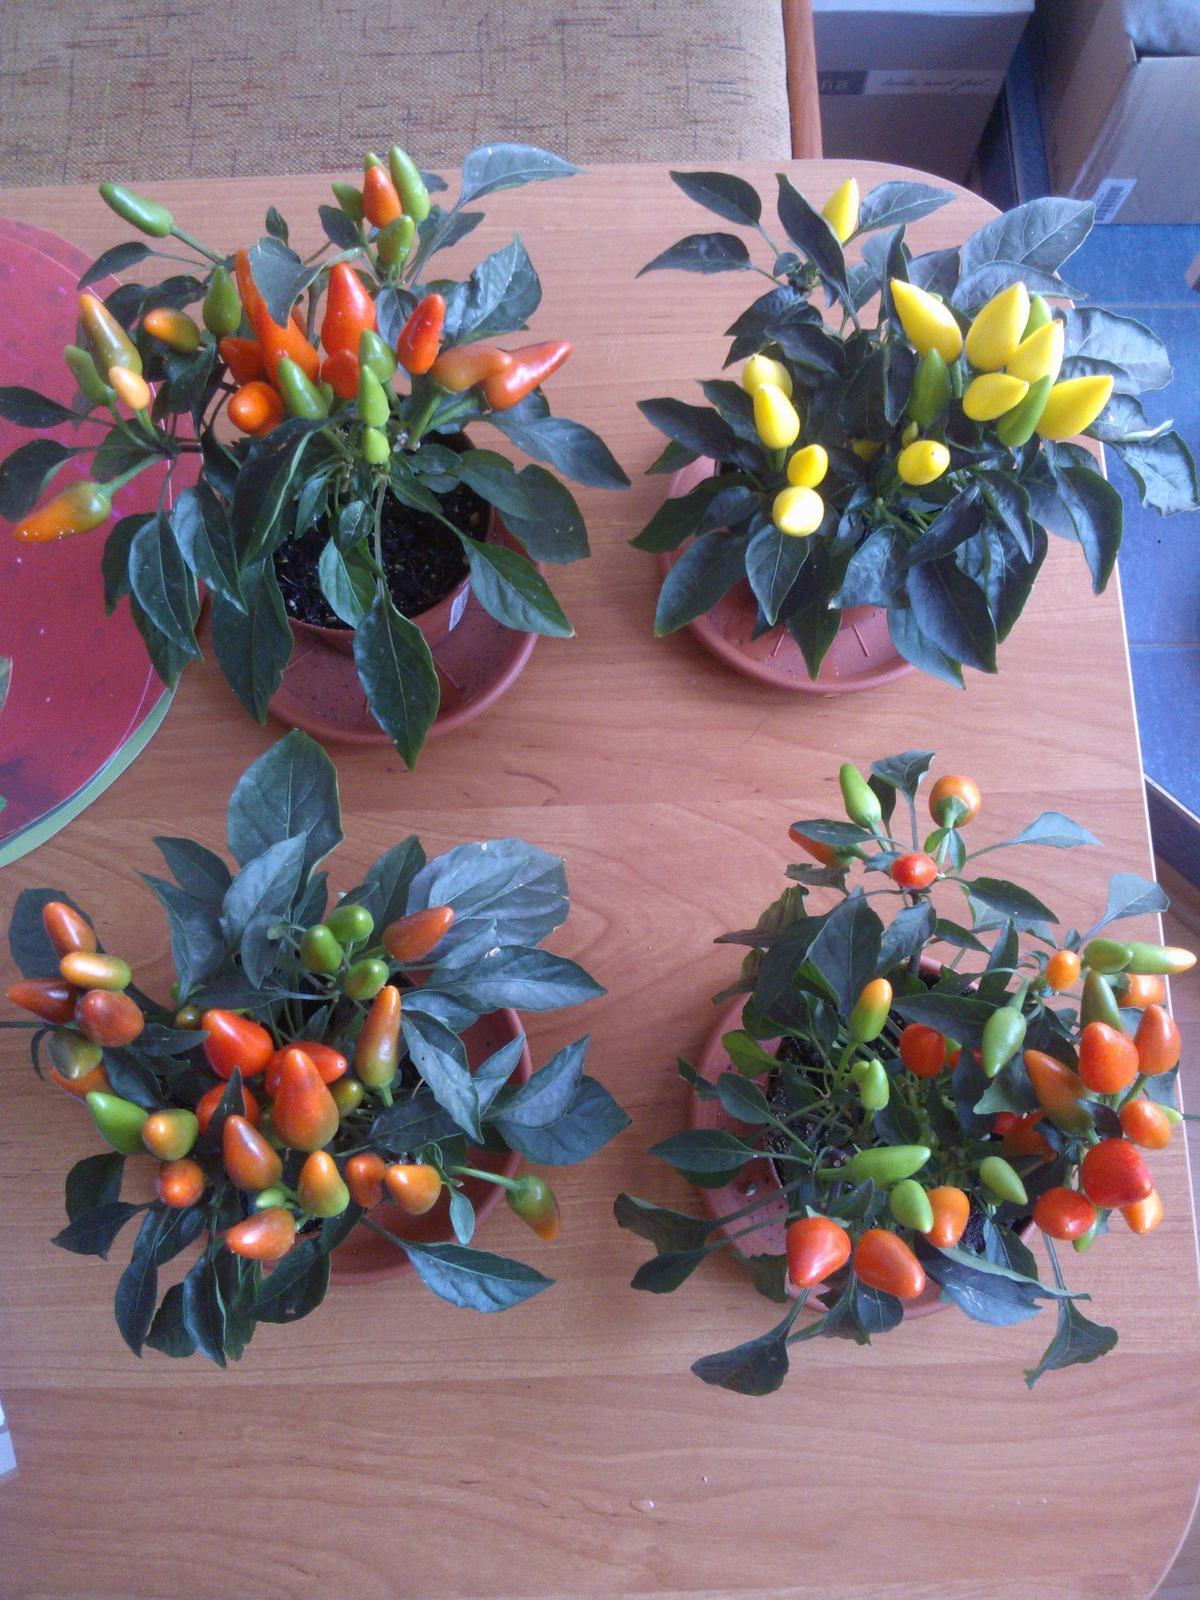 Pokus s vodou - Den 18 - všechny už jsou krásně barevné :-) to že je jedna žlutá je způsobeno druhem rostlinky, nikoliv druhem vody..